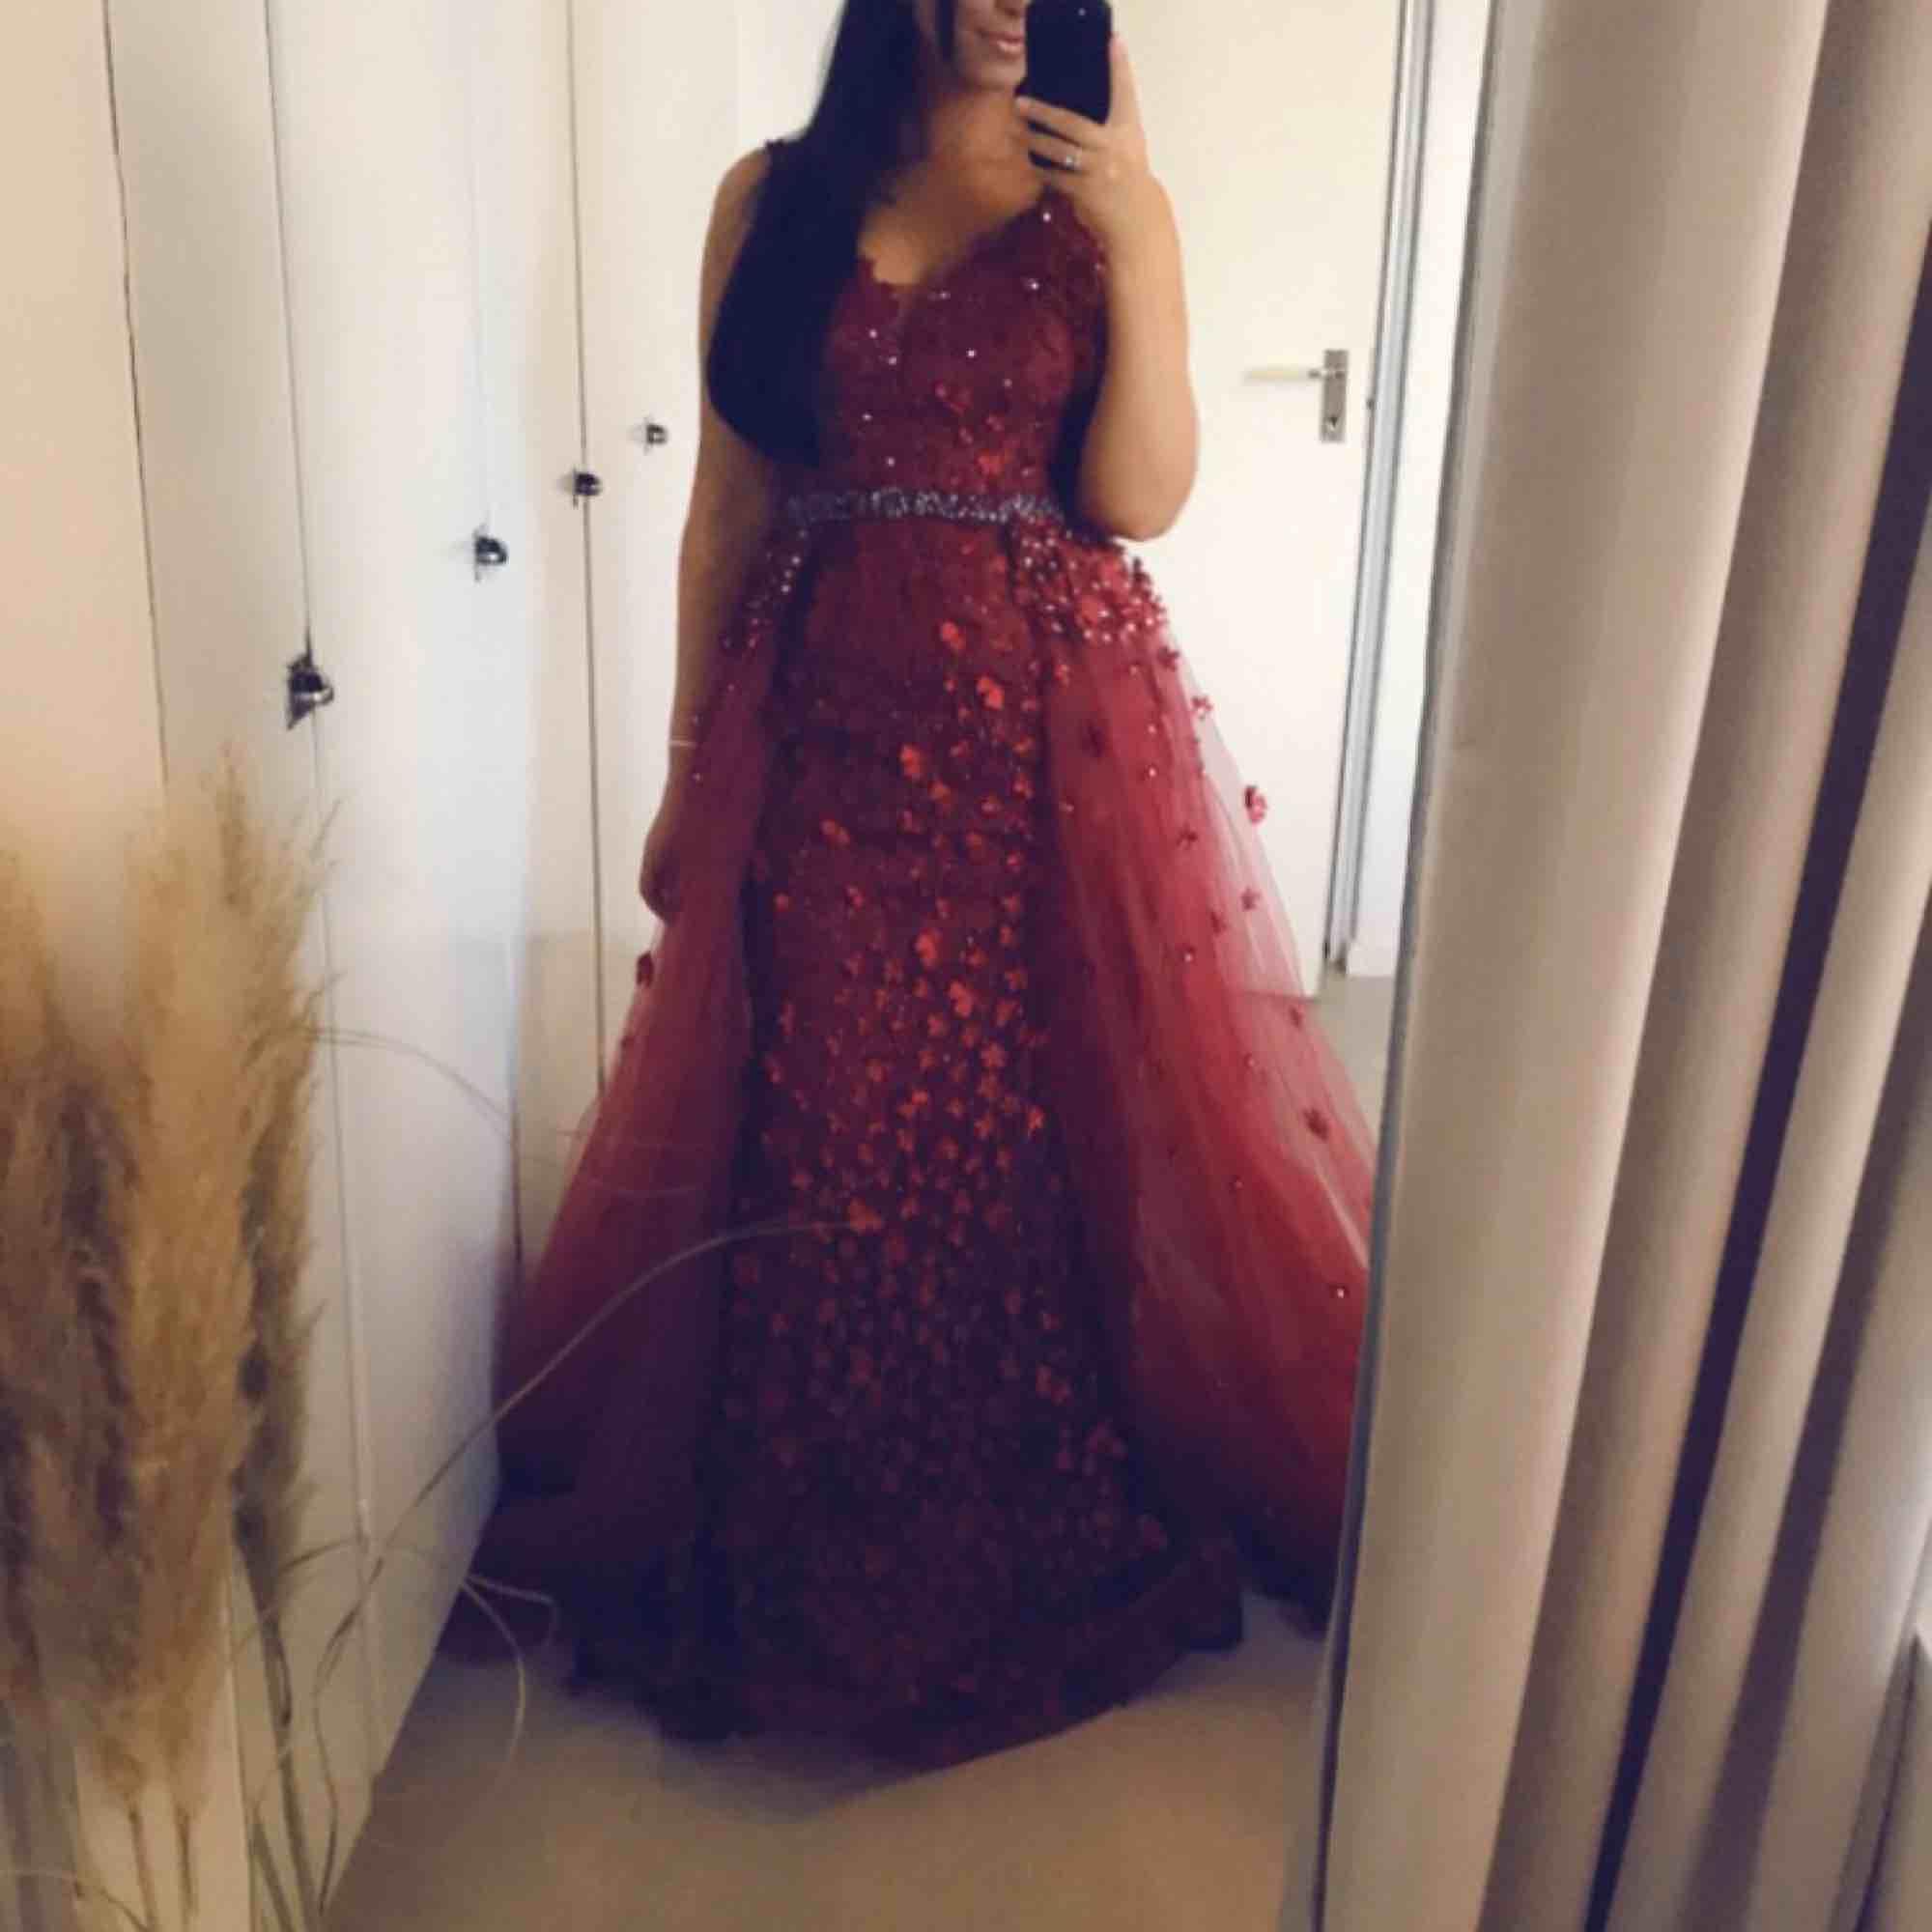 Säljer min vackra festklänning/aftonklänning  Köpt från Södertälje men minns inte butiken  Klänningen är i färgen vinröd med en kjol som är avtagbar. Klänningen har blommor i samma färg och dekorerad med stenar. . Klänningar.